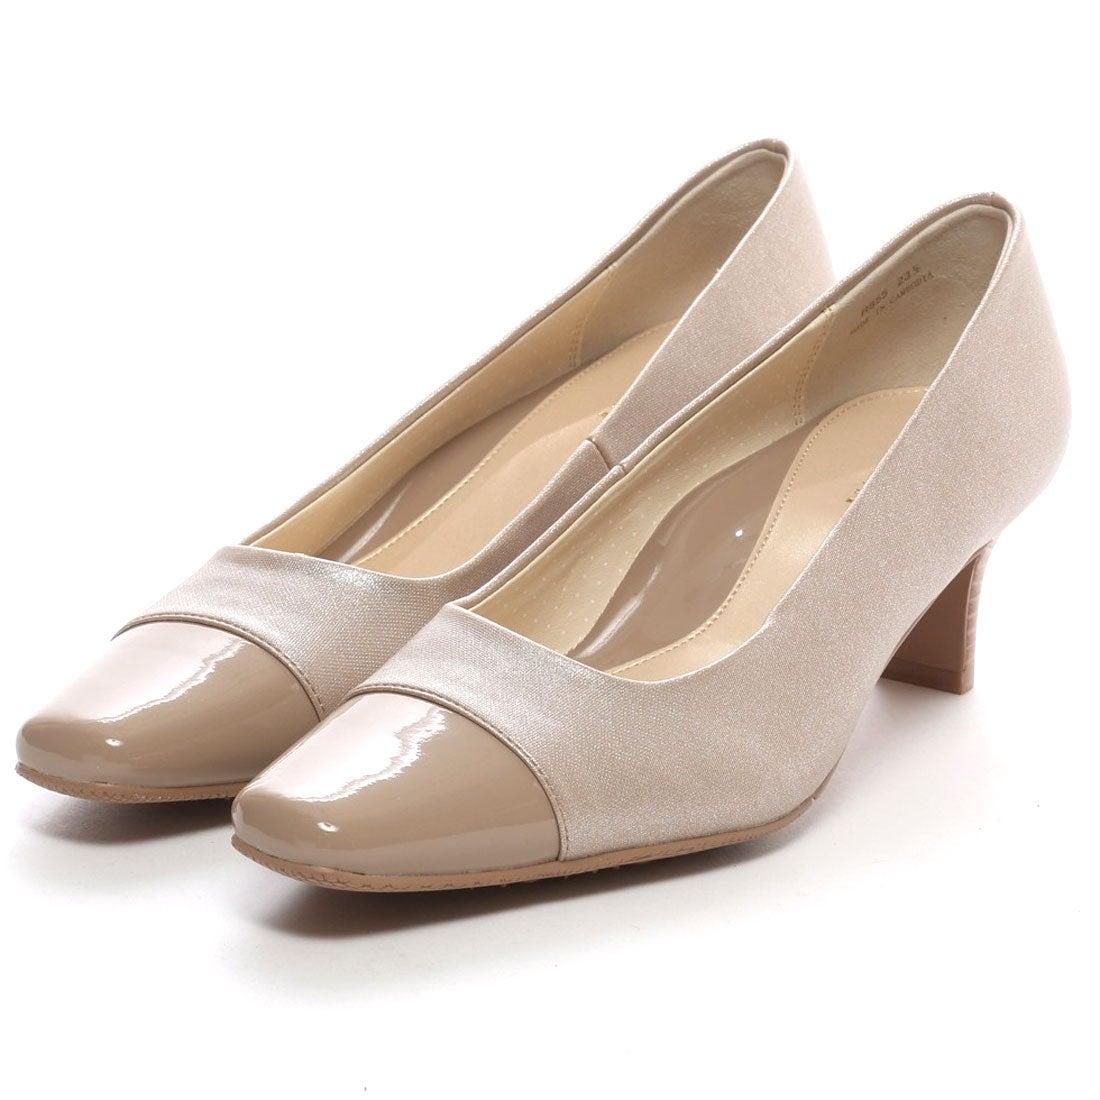 ピッティ Pitti レインパンプスPDR855(オークコンビ) ,靴とファッションの通販サイト ロコンド